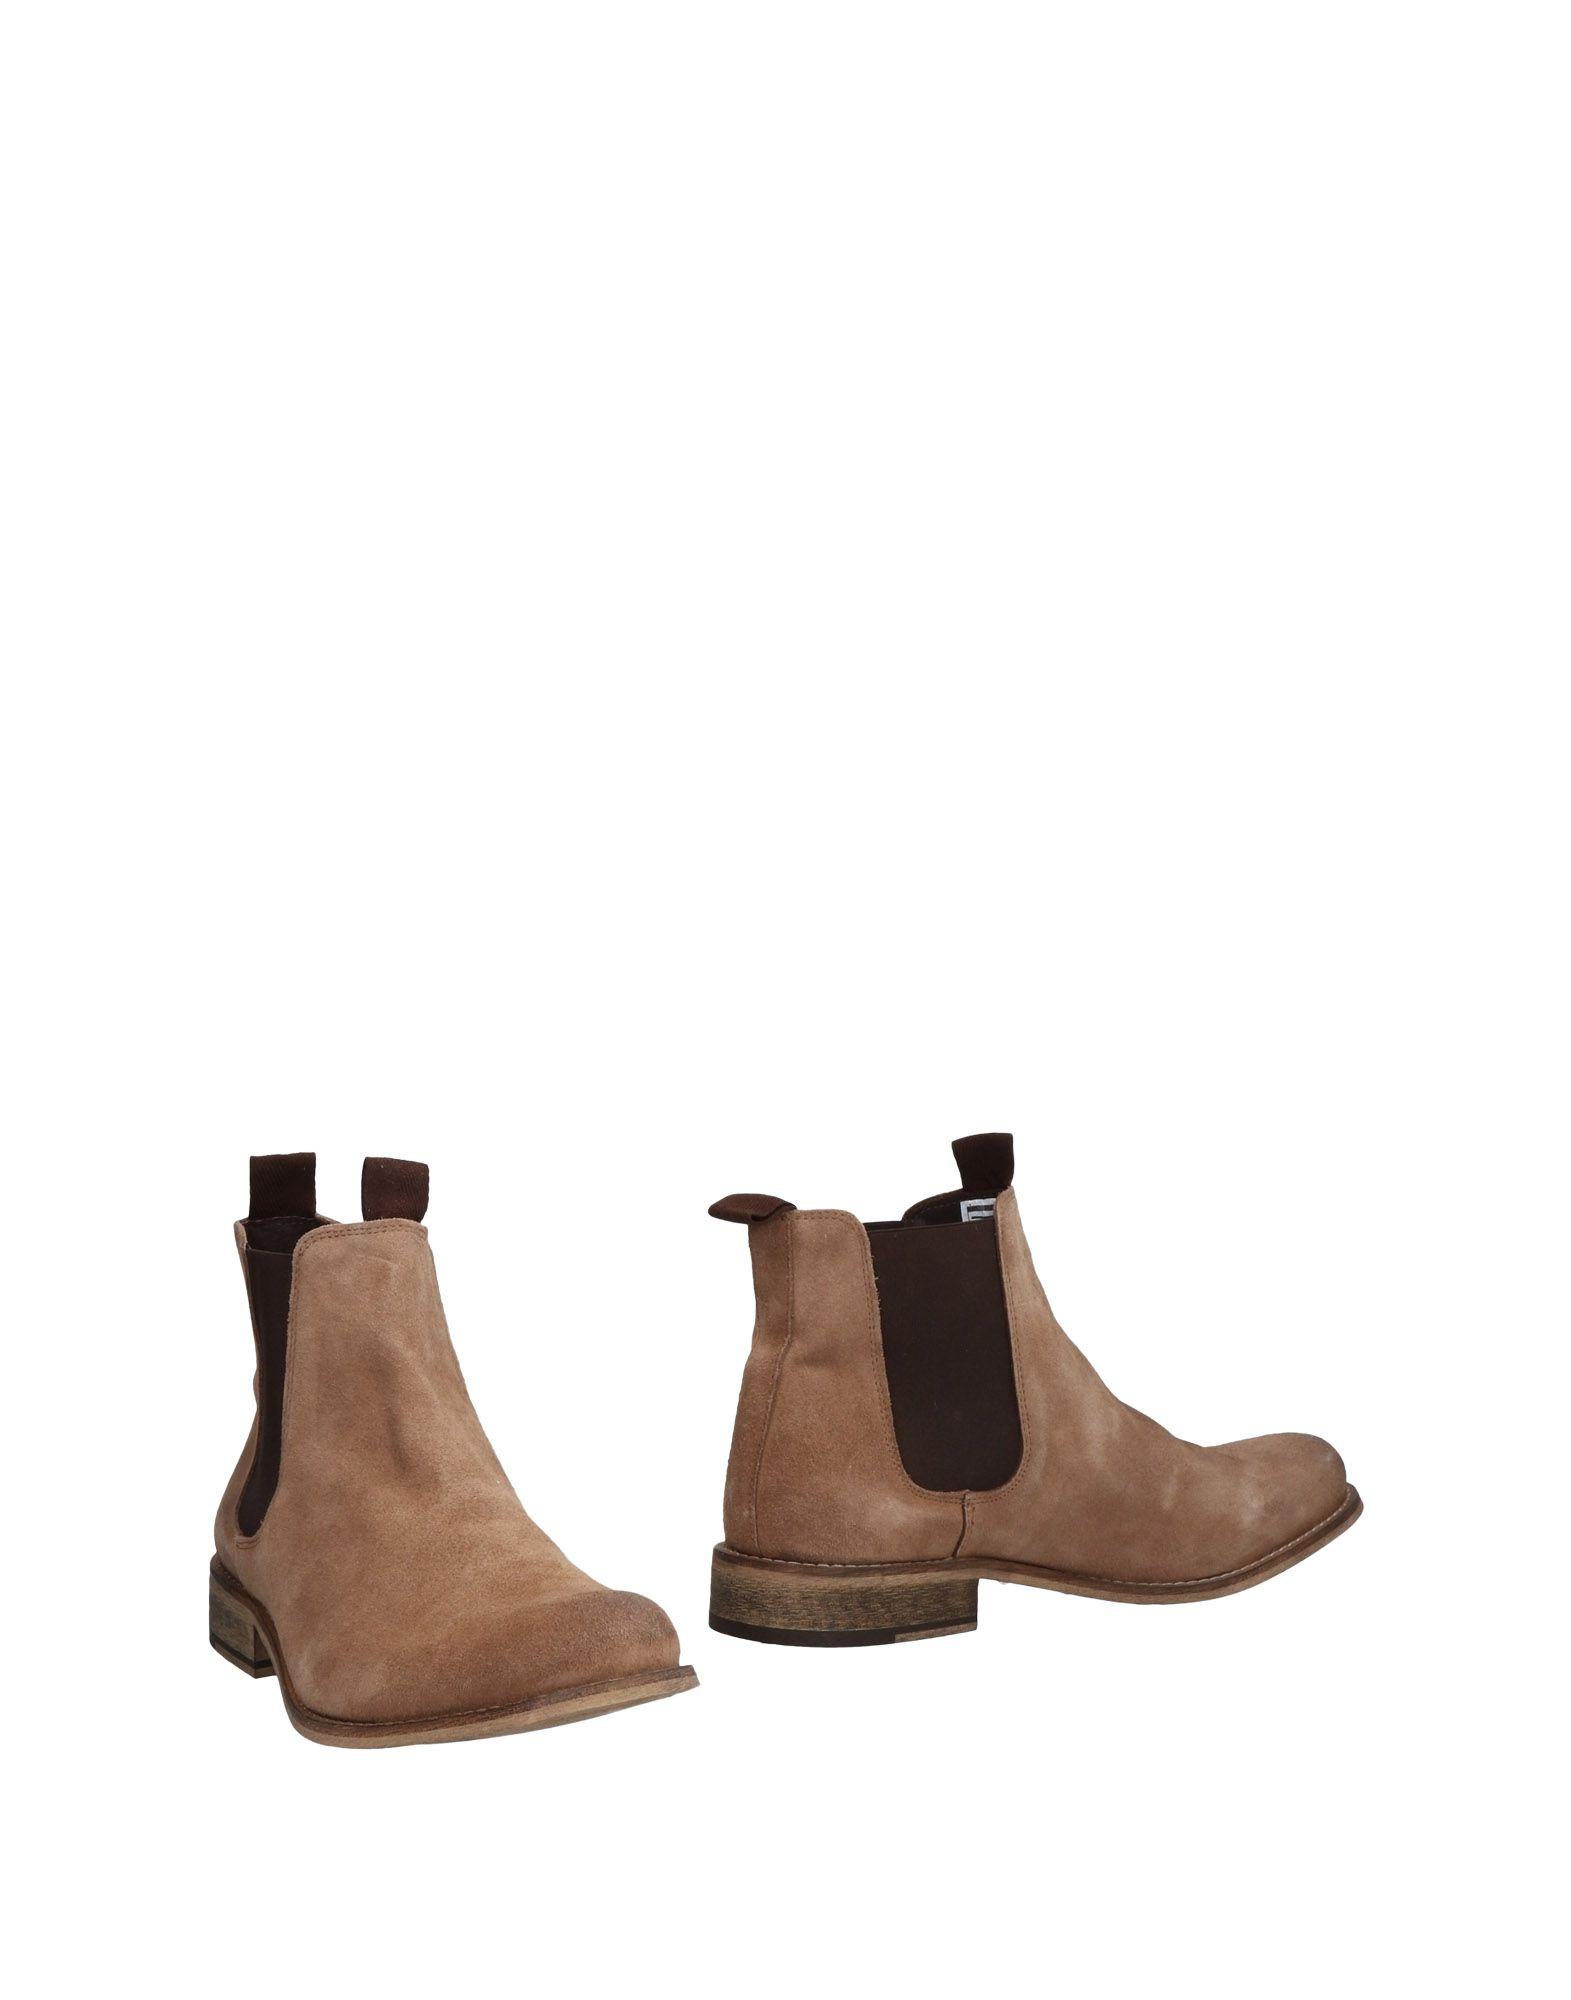 Rabatt echte  Schuhe Selected Stiefelette Herren  echte 11468701KI 87ef7b